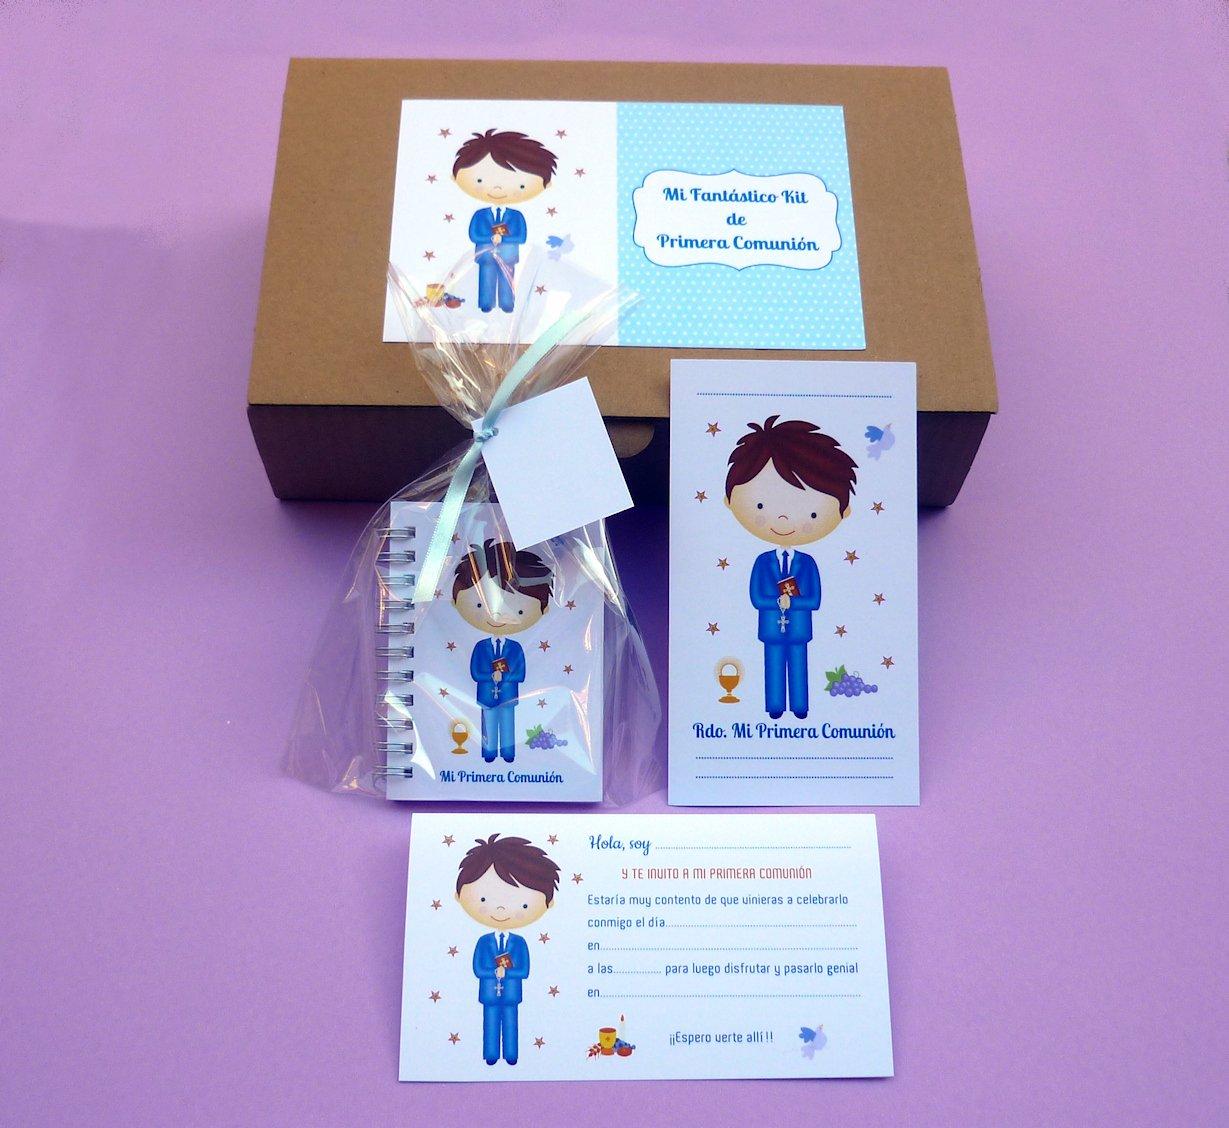 Recuerdos y Regalos de Comunión Para Invitados - Kit Detalle de Primera Comunión Niño - Incluye 15 invitaciones con sobre - 15 recordatorios con sobre - 15 libretas con bolsa y cintas surtidas: Amazon.es: Hogar